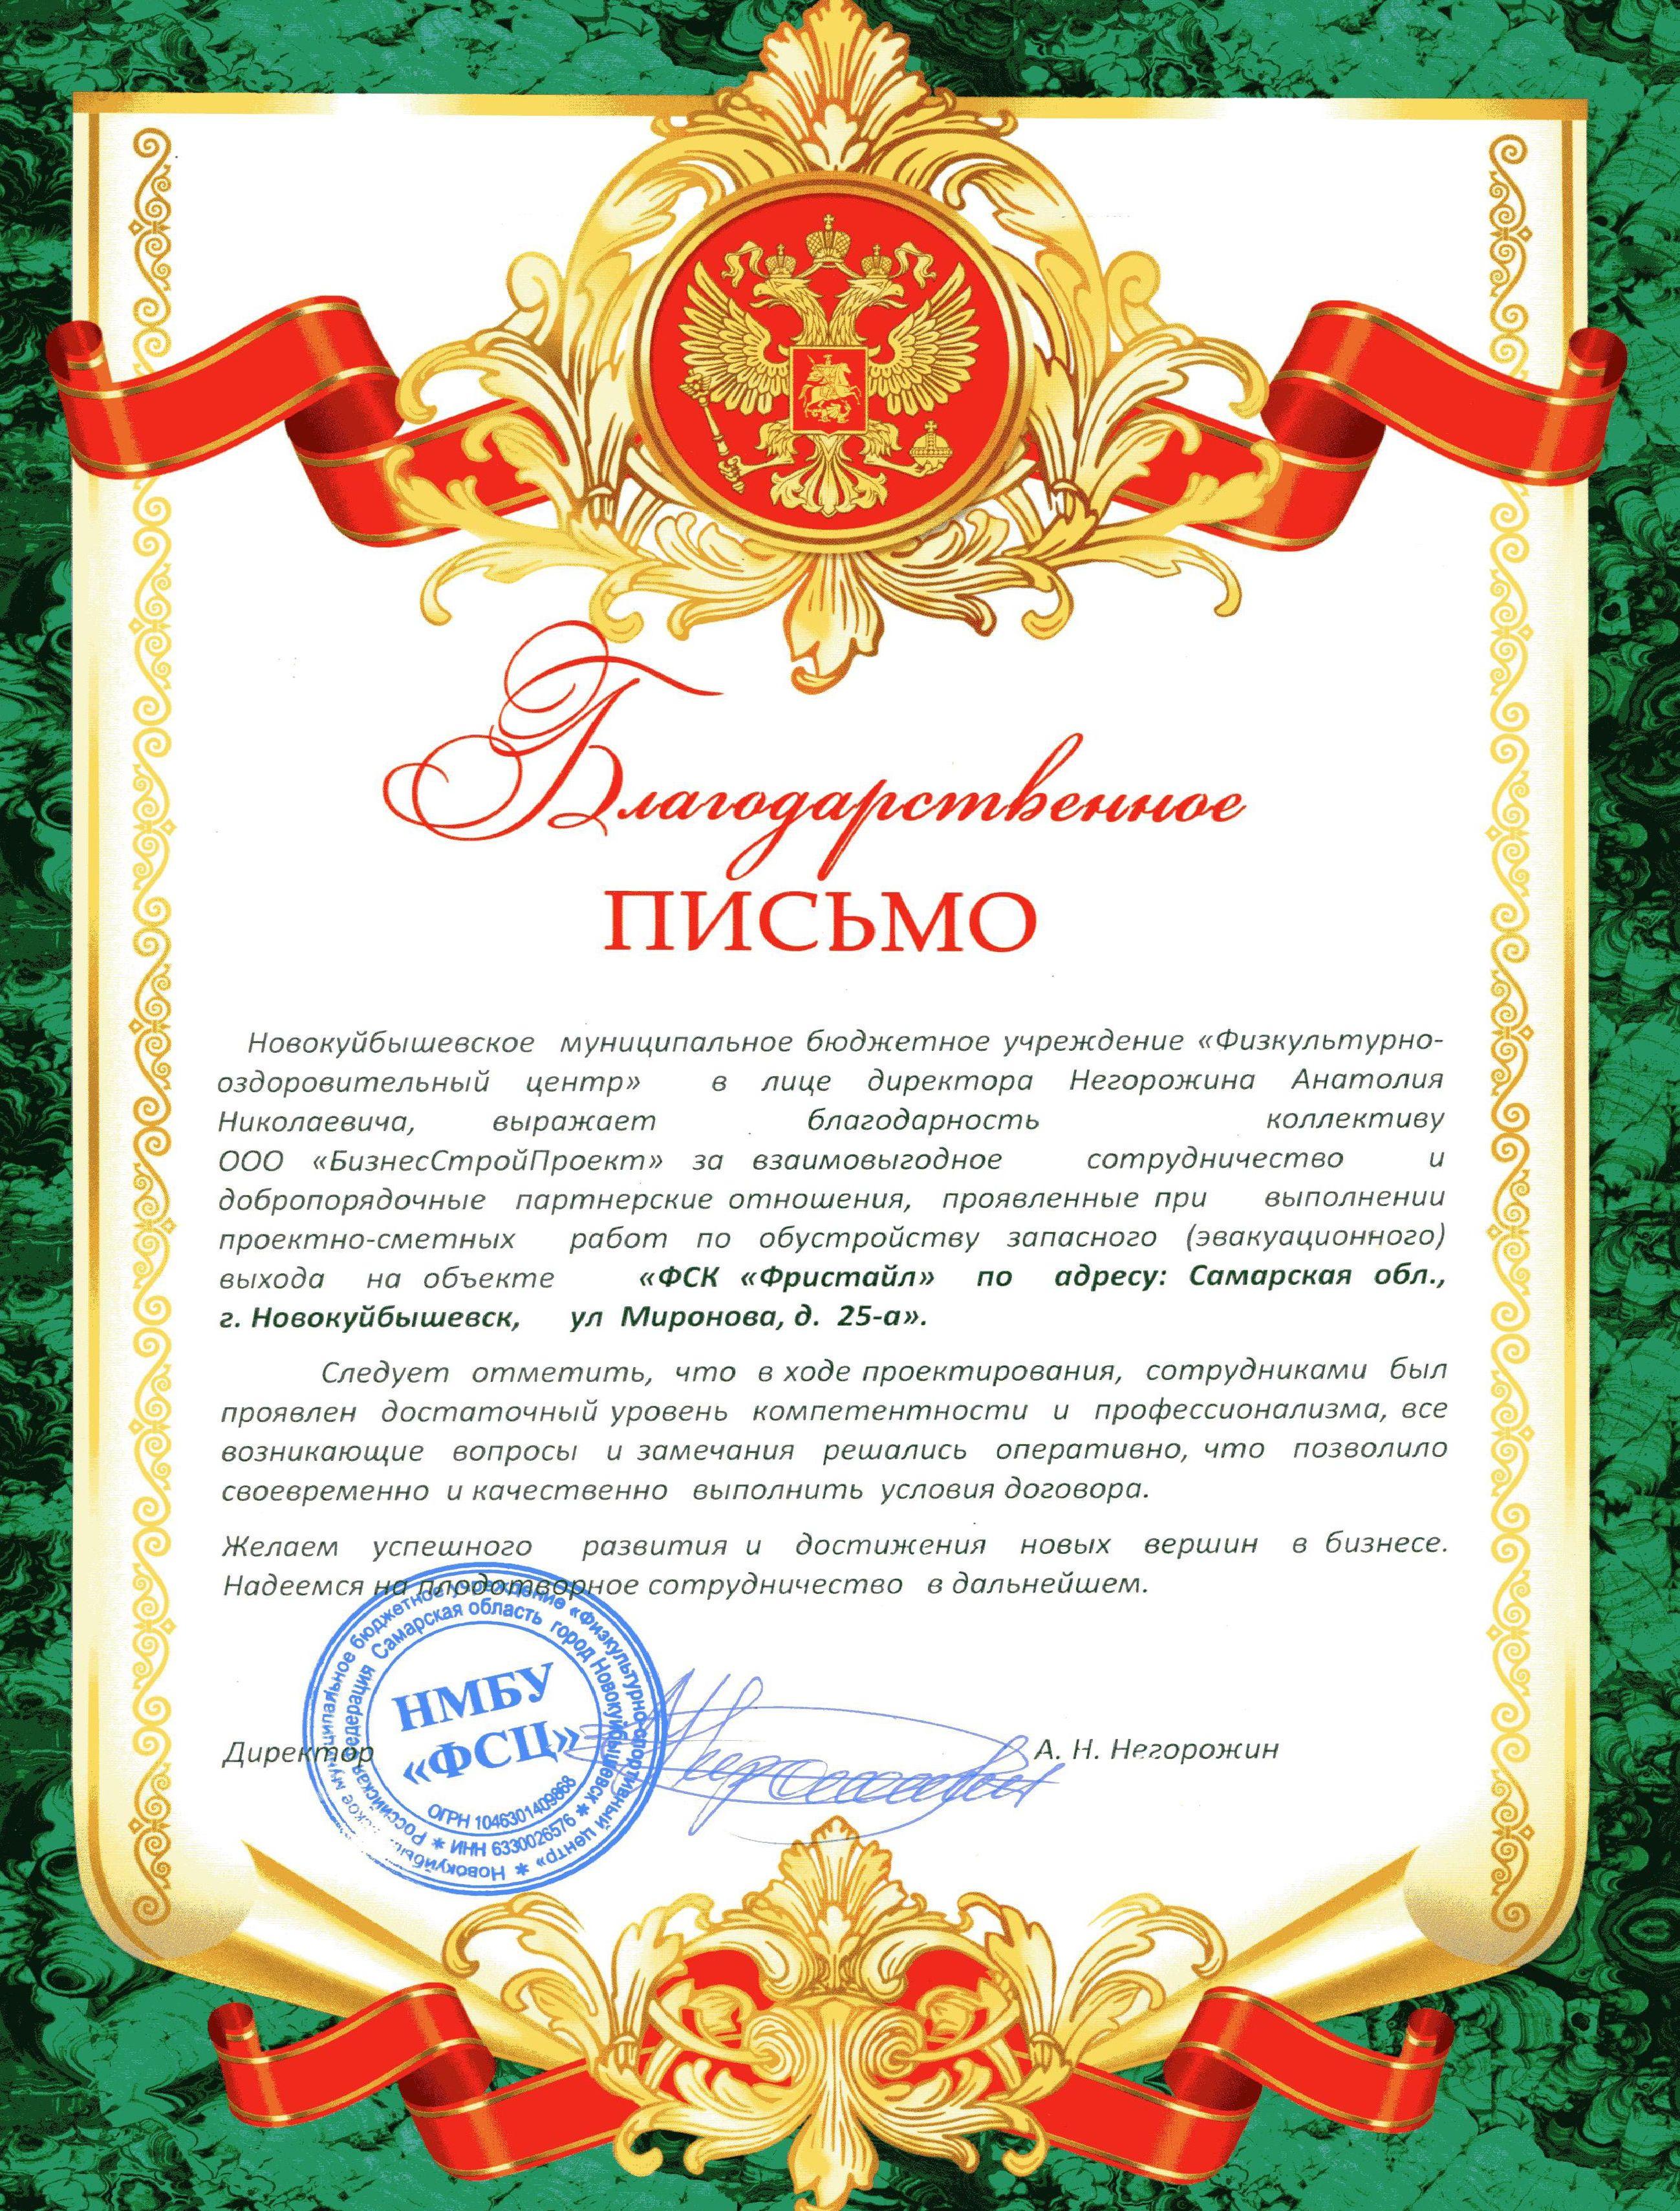 ФОК ФСК Фристайл